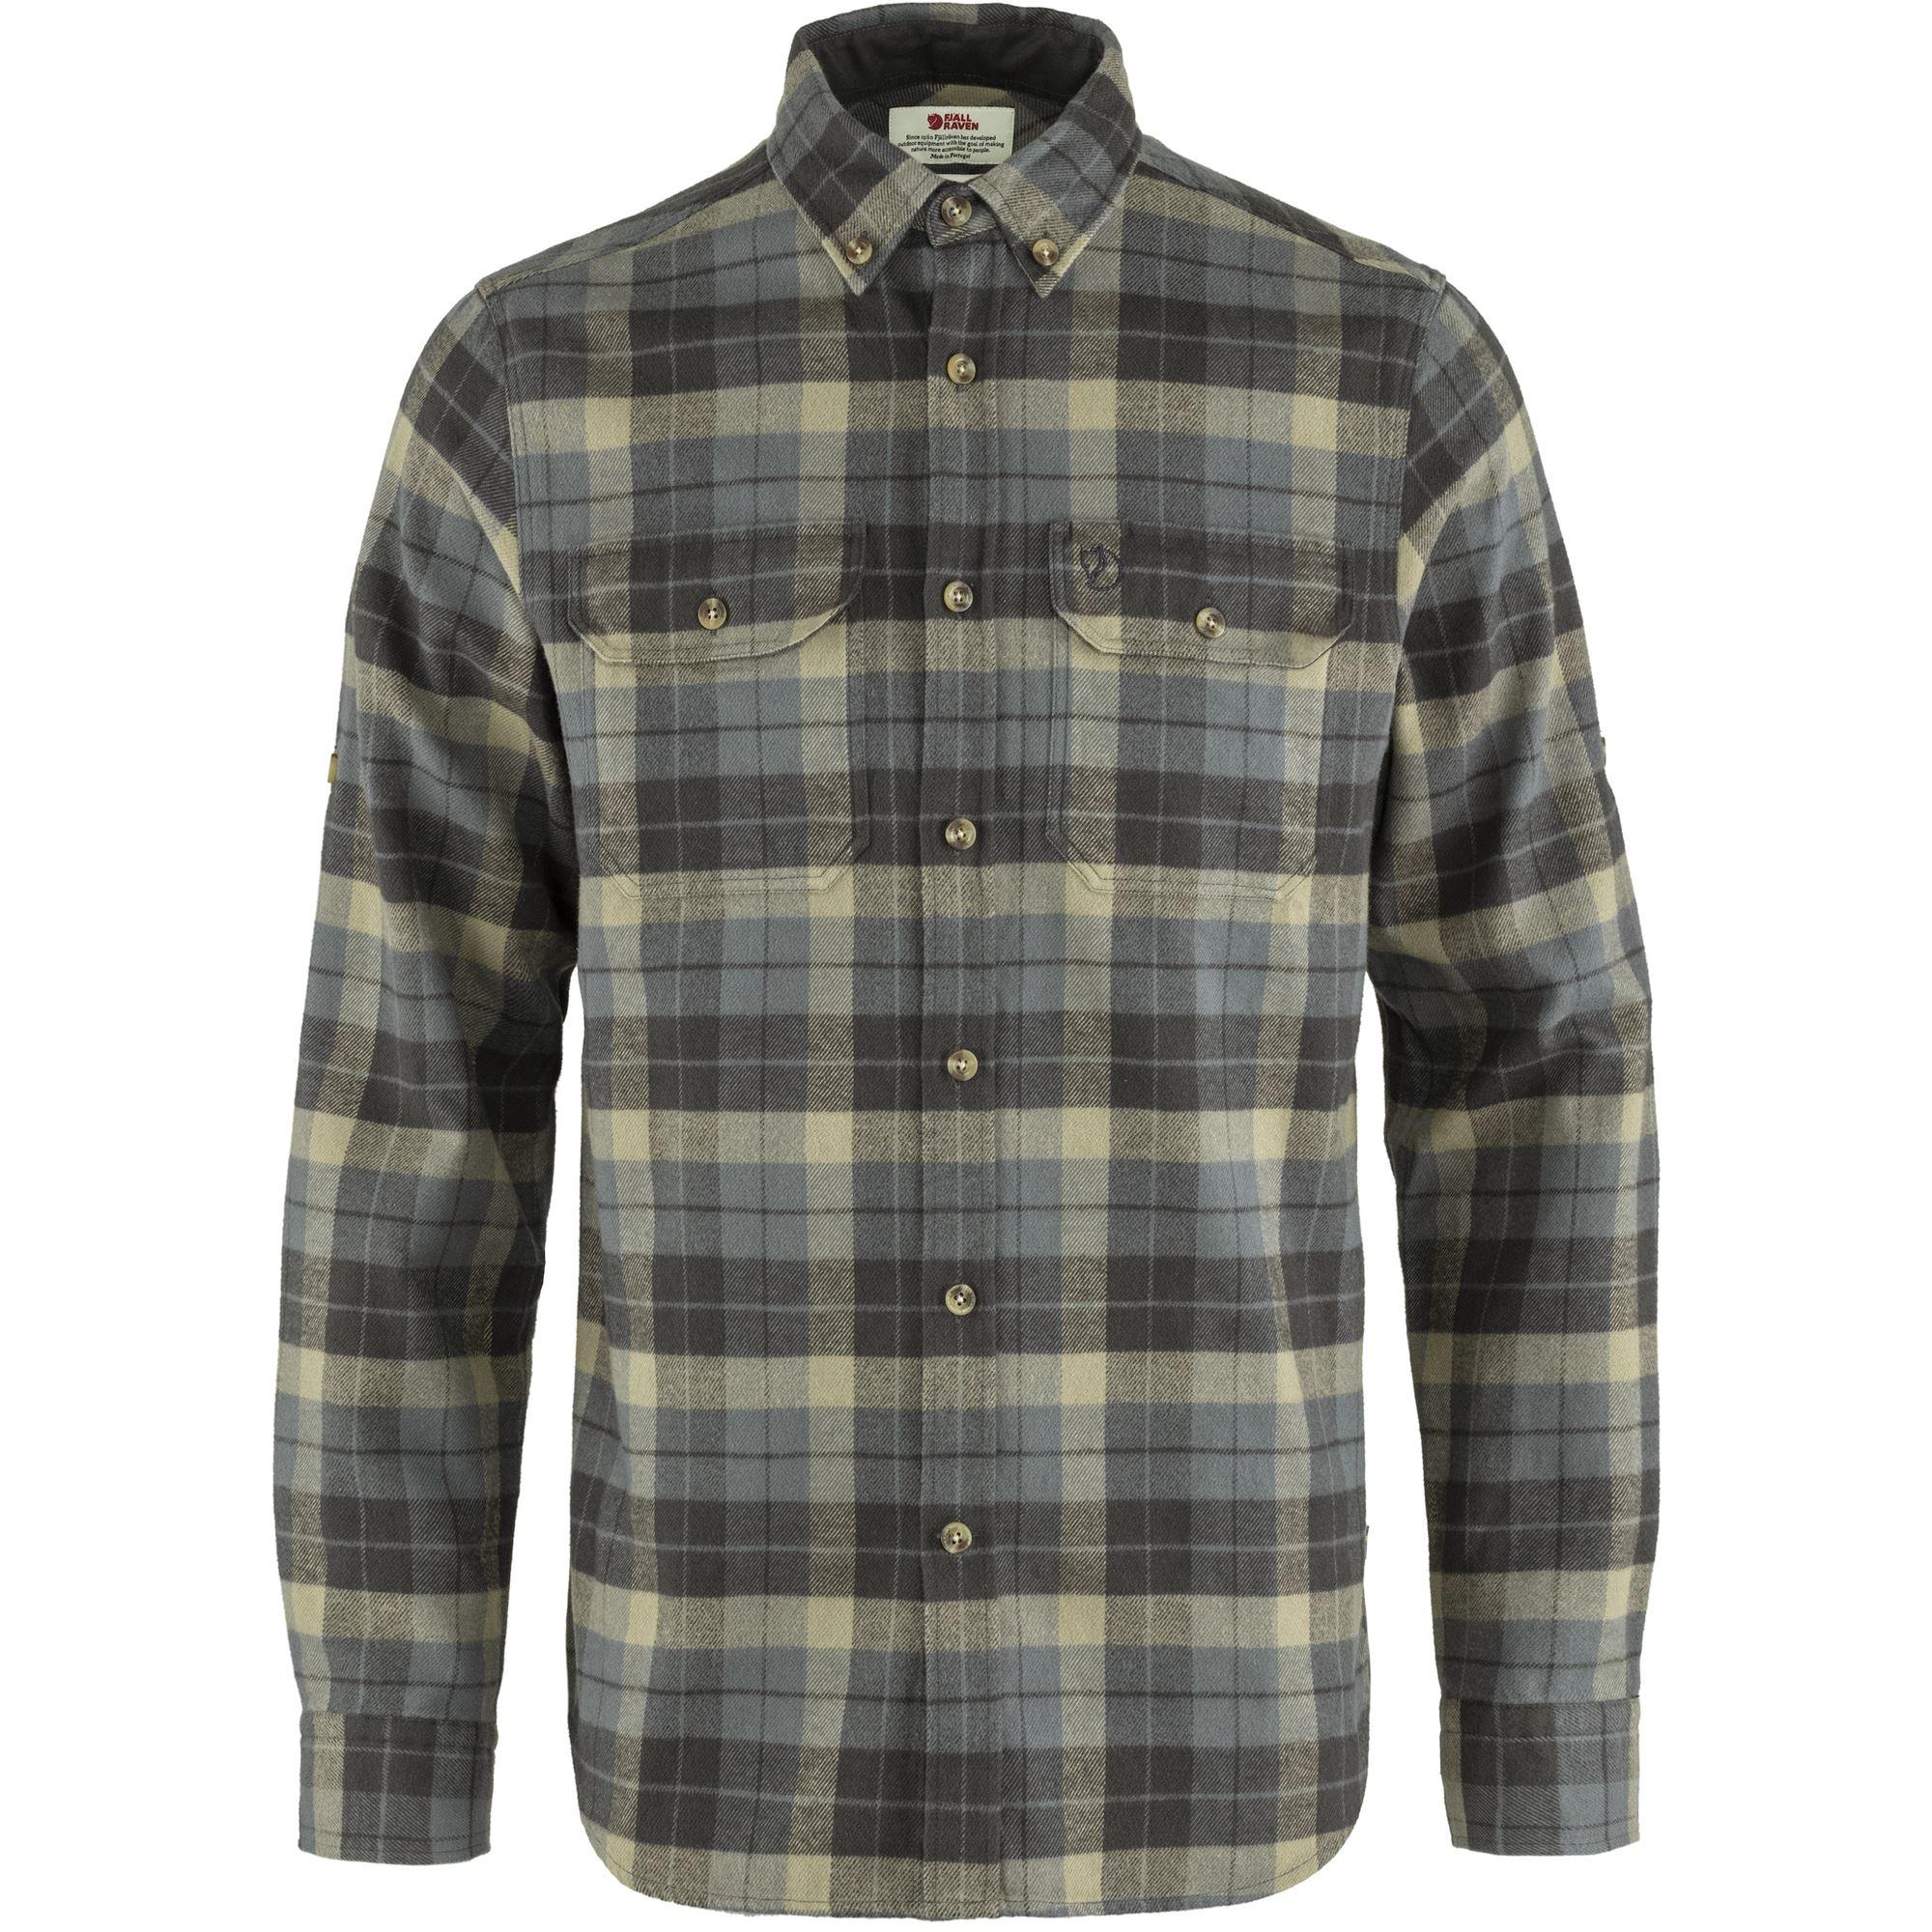 Fjällräven Singi Heavy Flannel skjorte, super grey/stone grey, medium